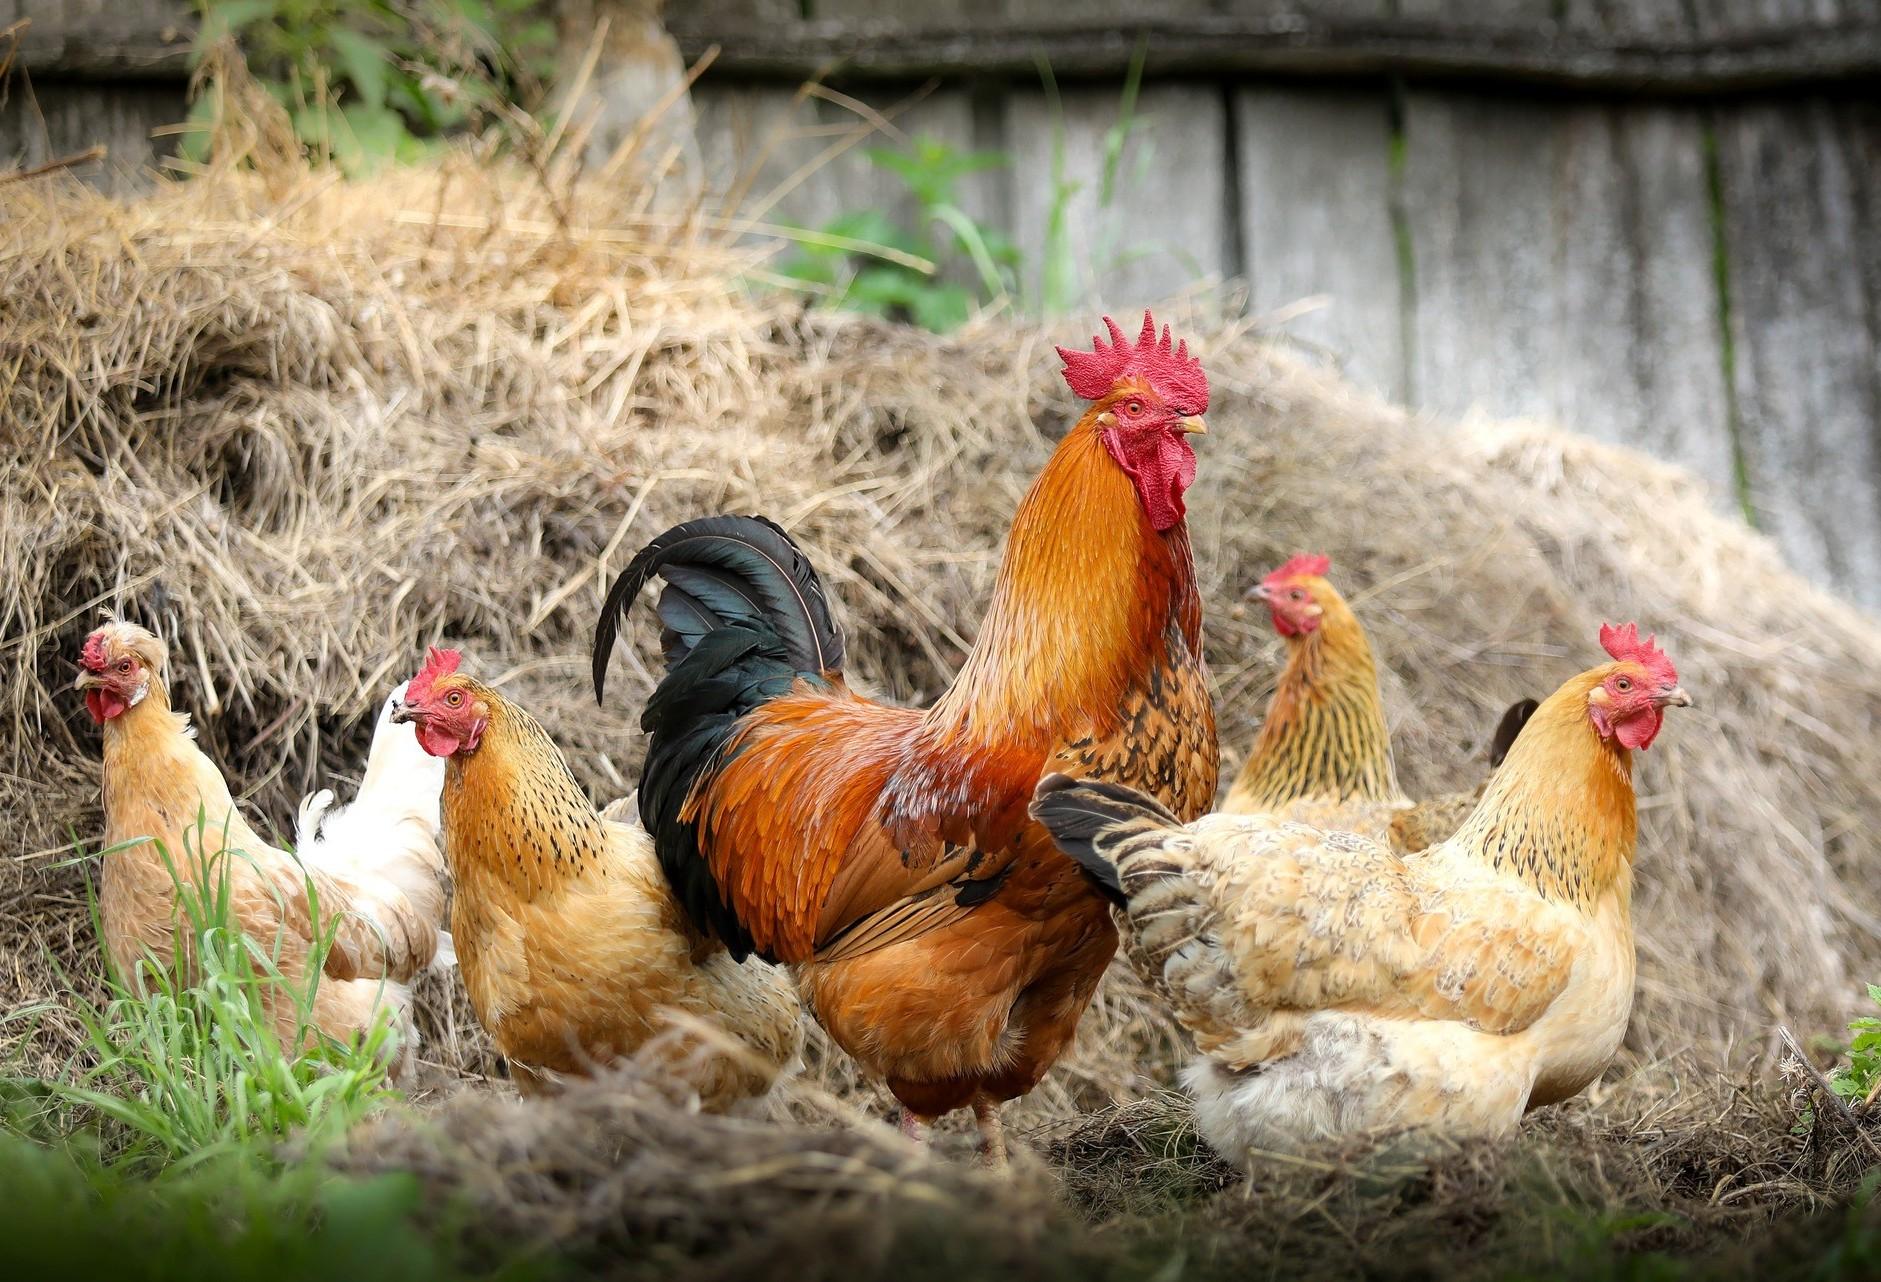 Frango com Salmonella: o que o avicultor deve fazer para previnir essa bactéria